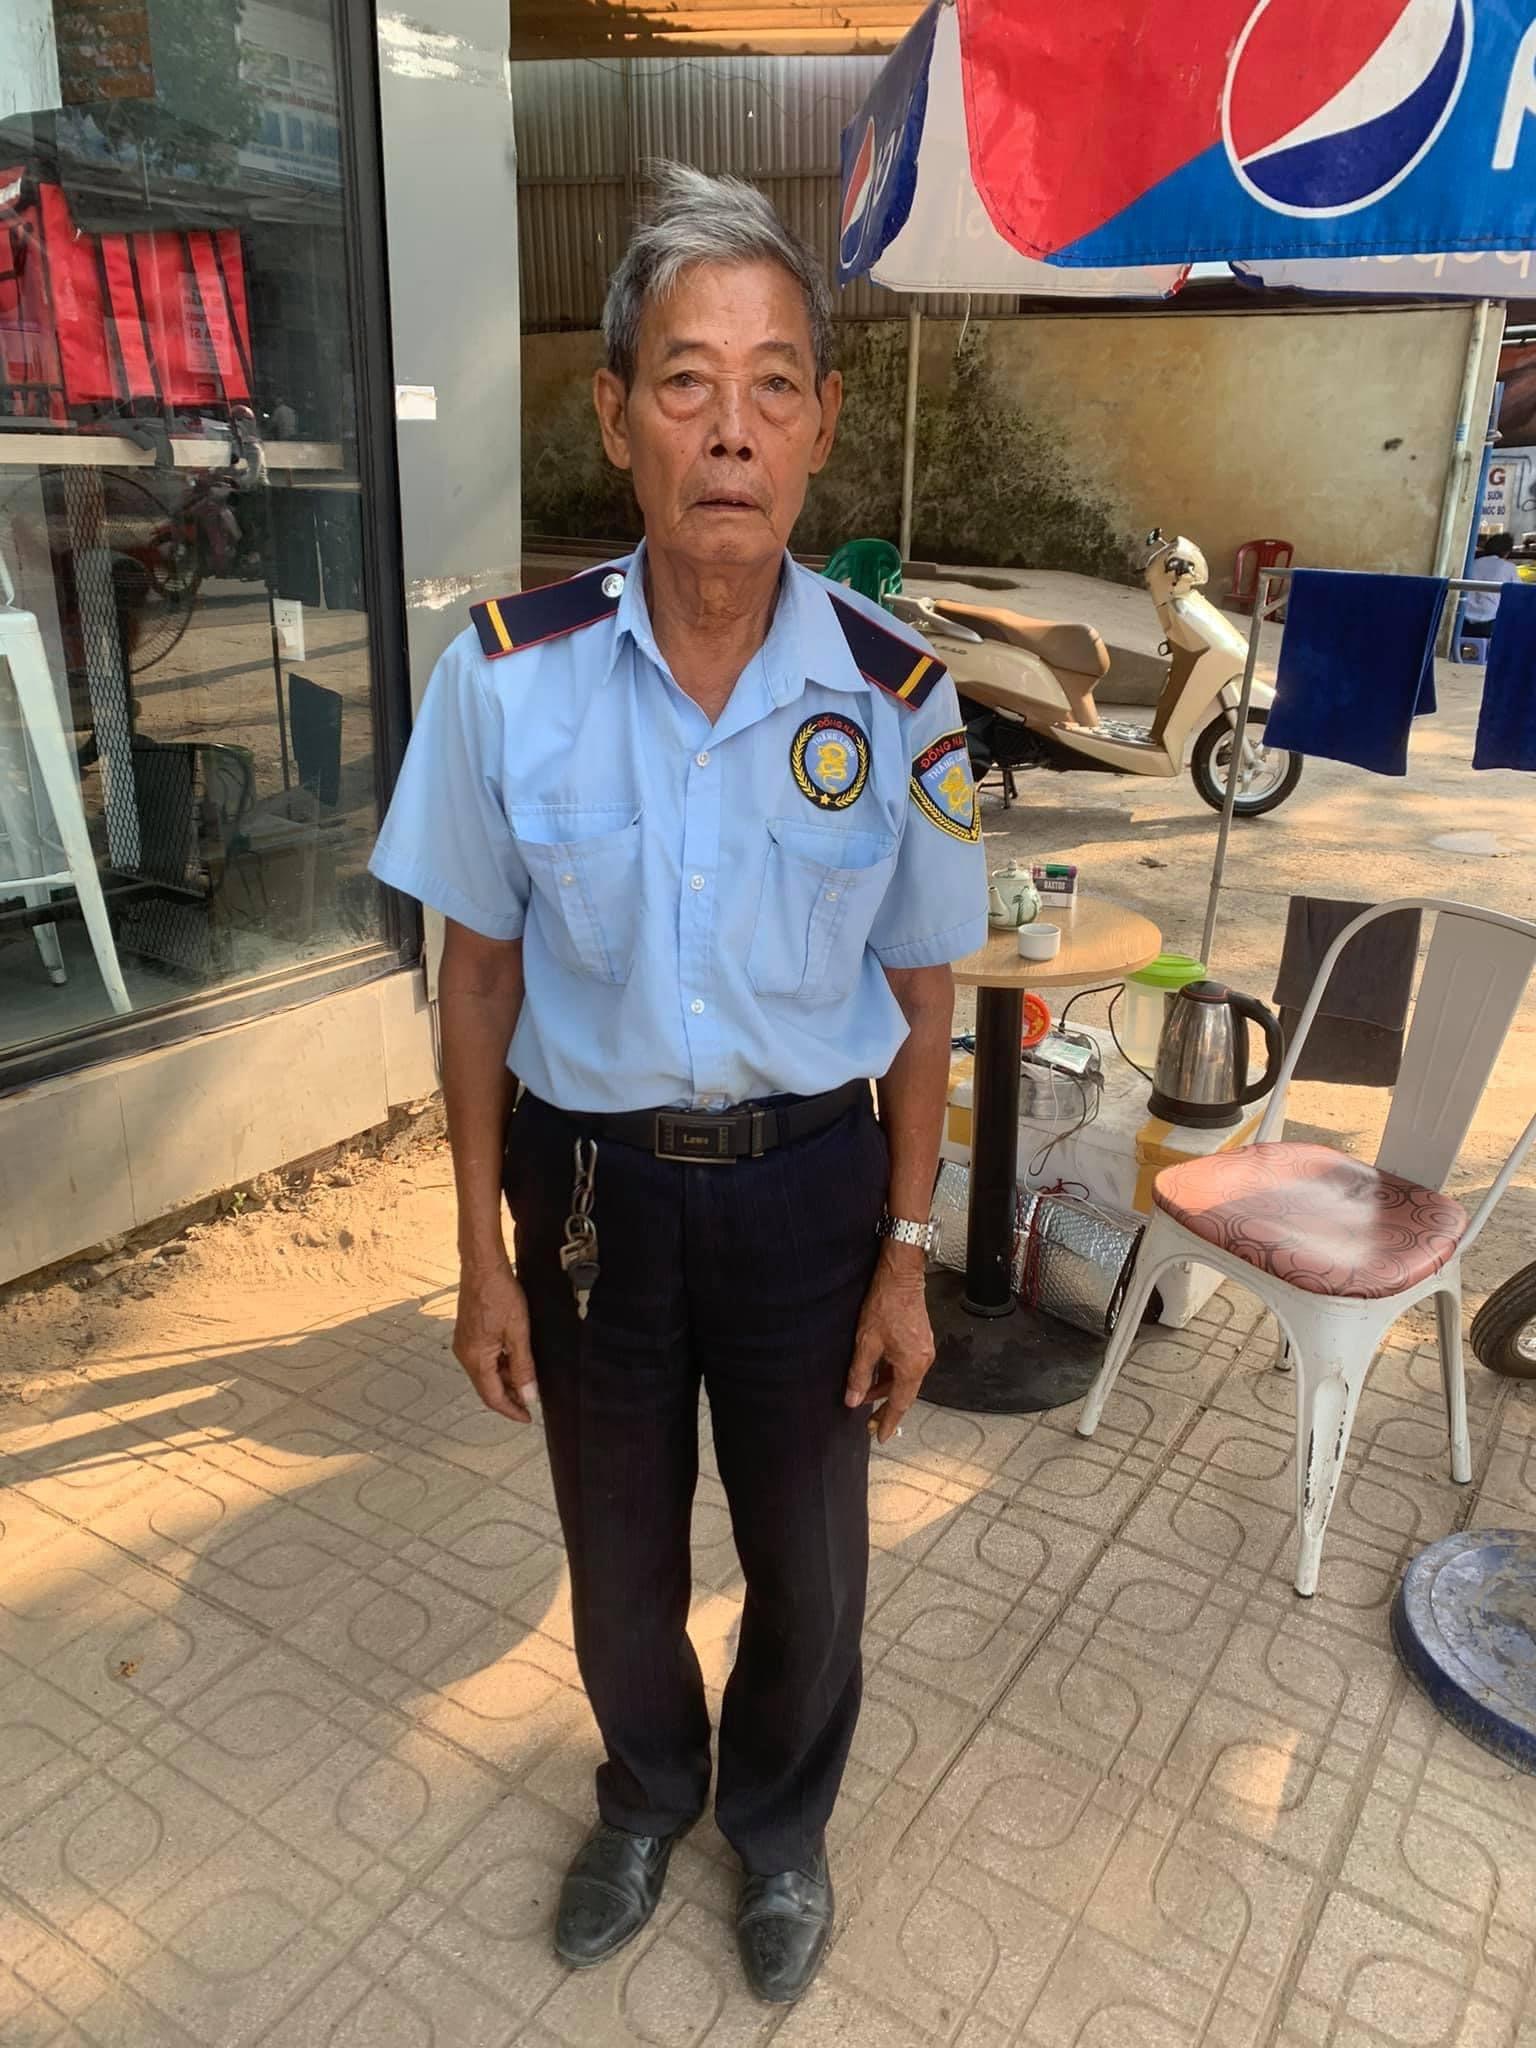 Lời kể của bác bảo vệ 86 tuổi khi phát hiện kẻ trộm bẻ khóa lấy xe máy mà không đủ tiền đền bù cho chủ xe 0